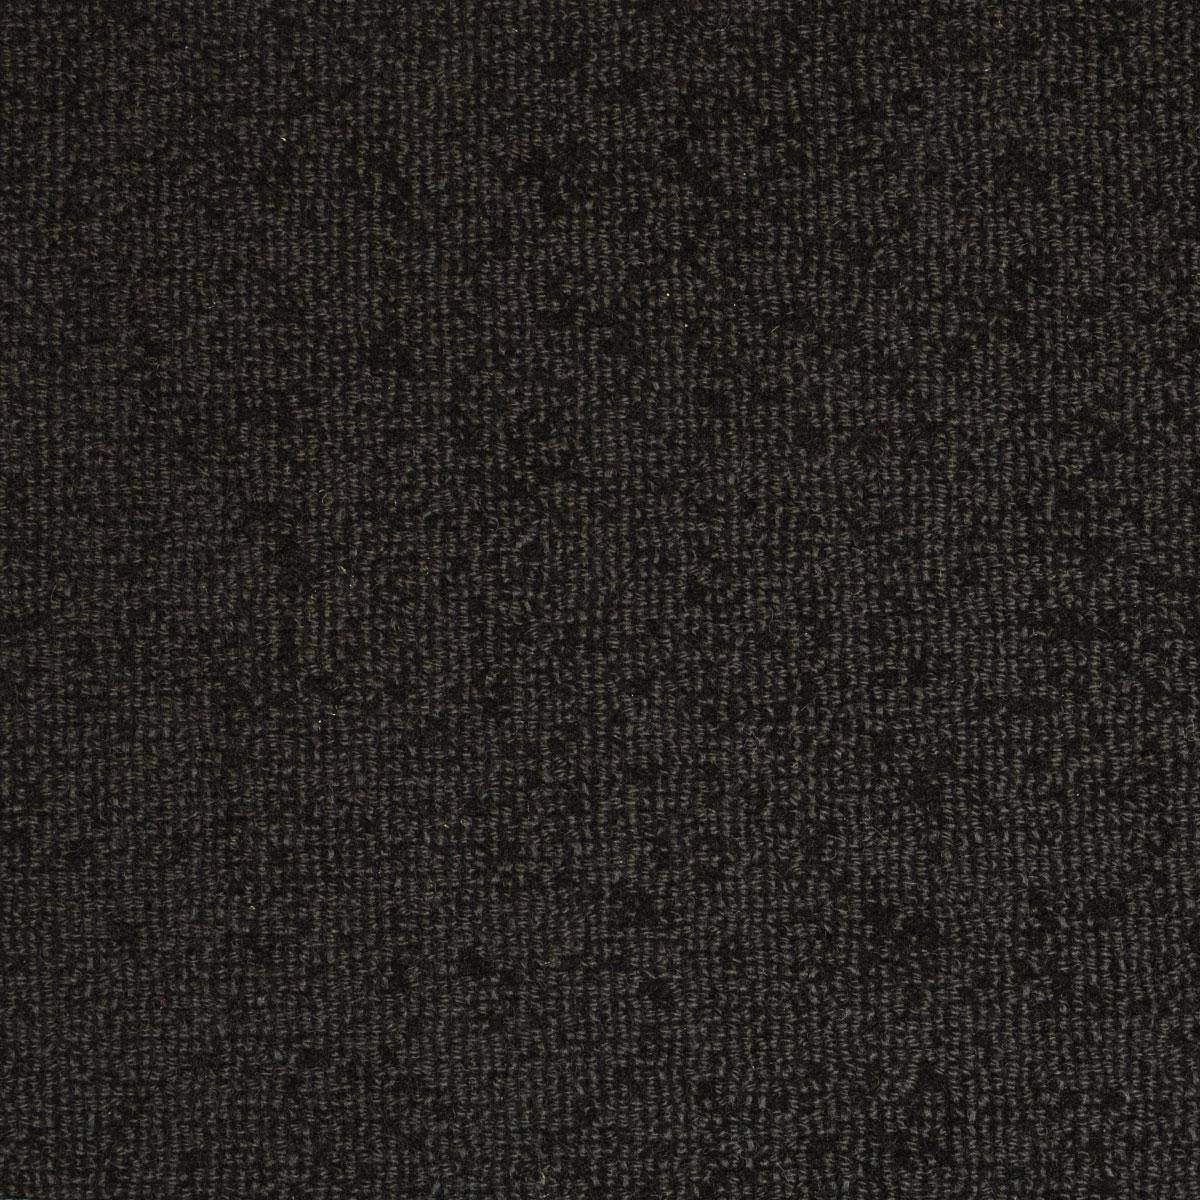 Bashful Luxyury  Rug | Pattersom Flynn Martin Custom Rugs